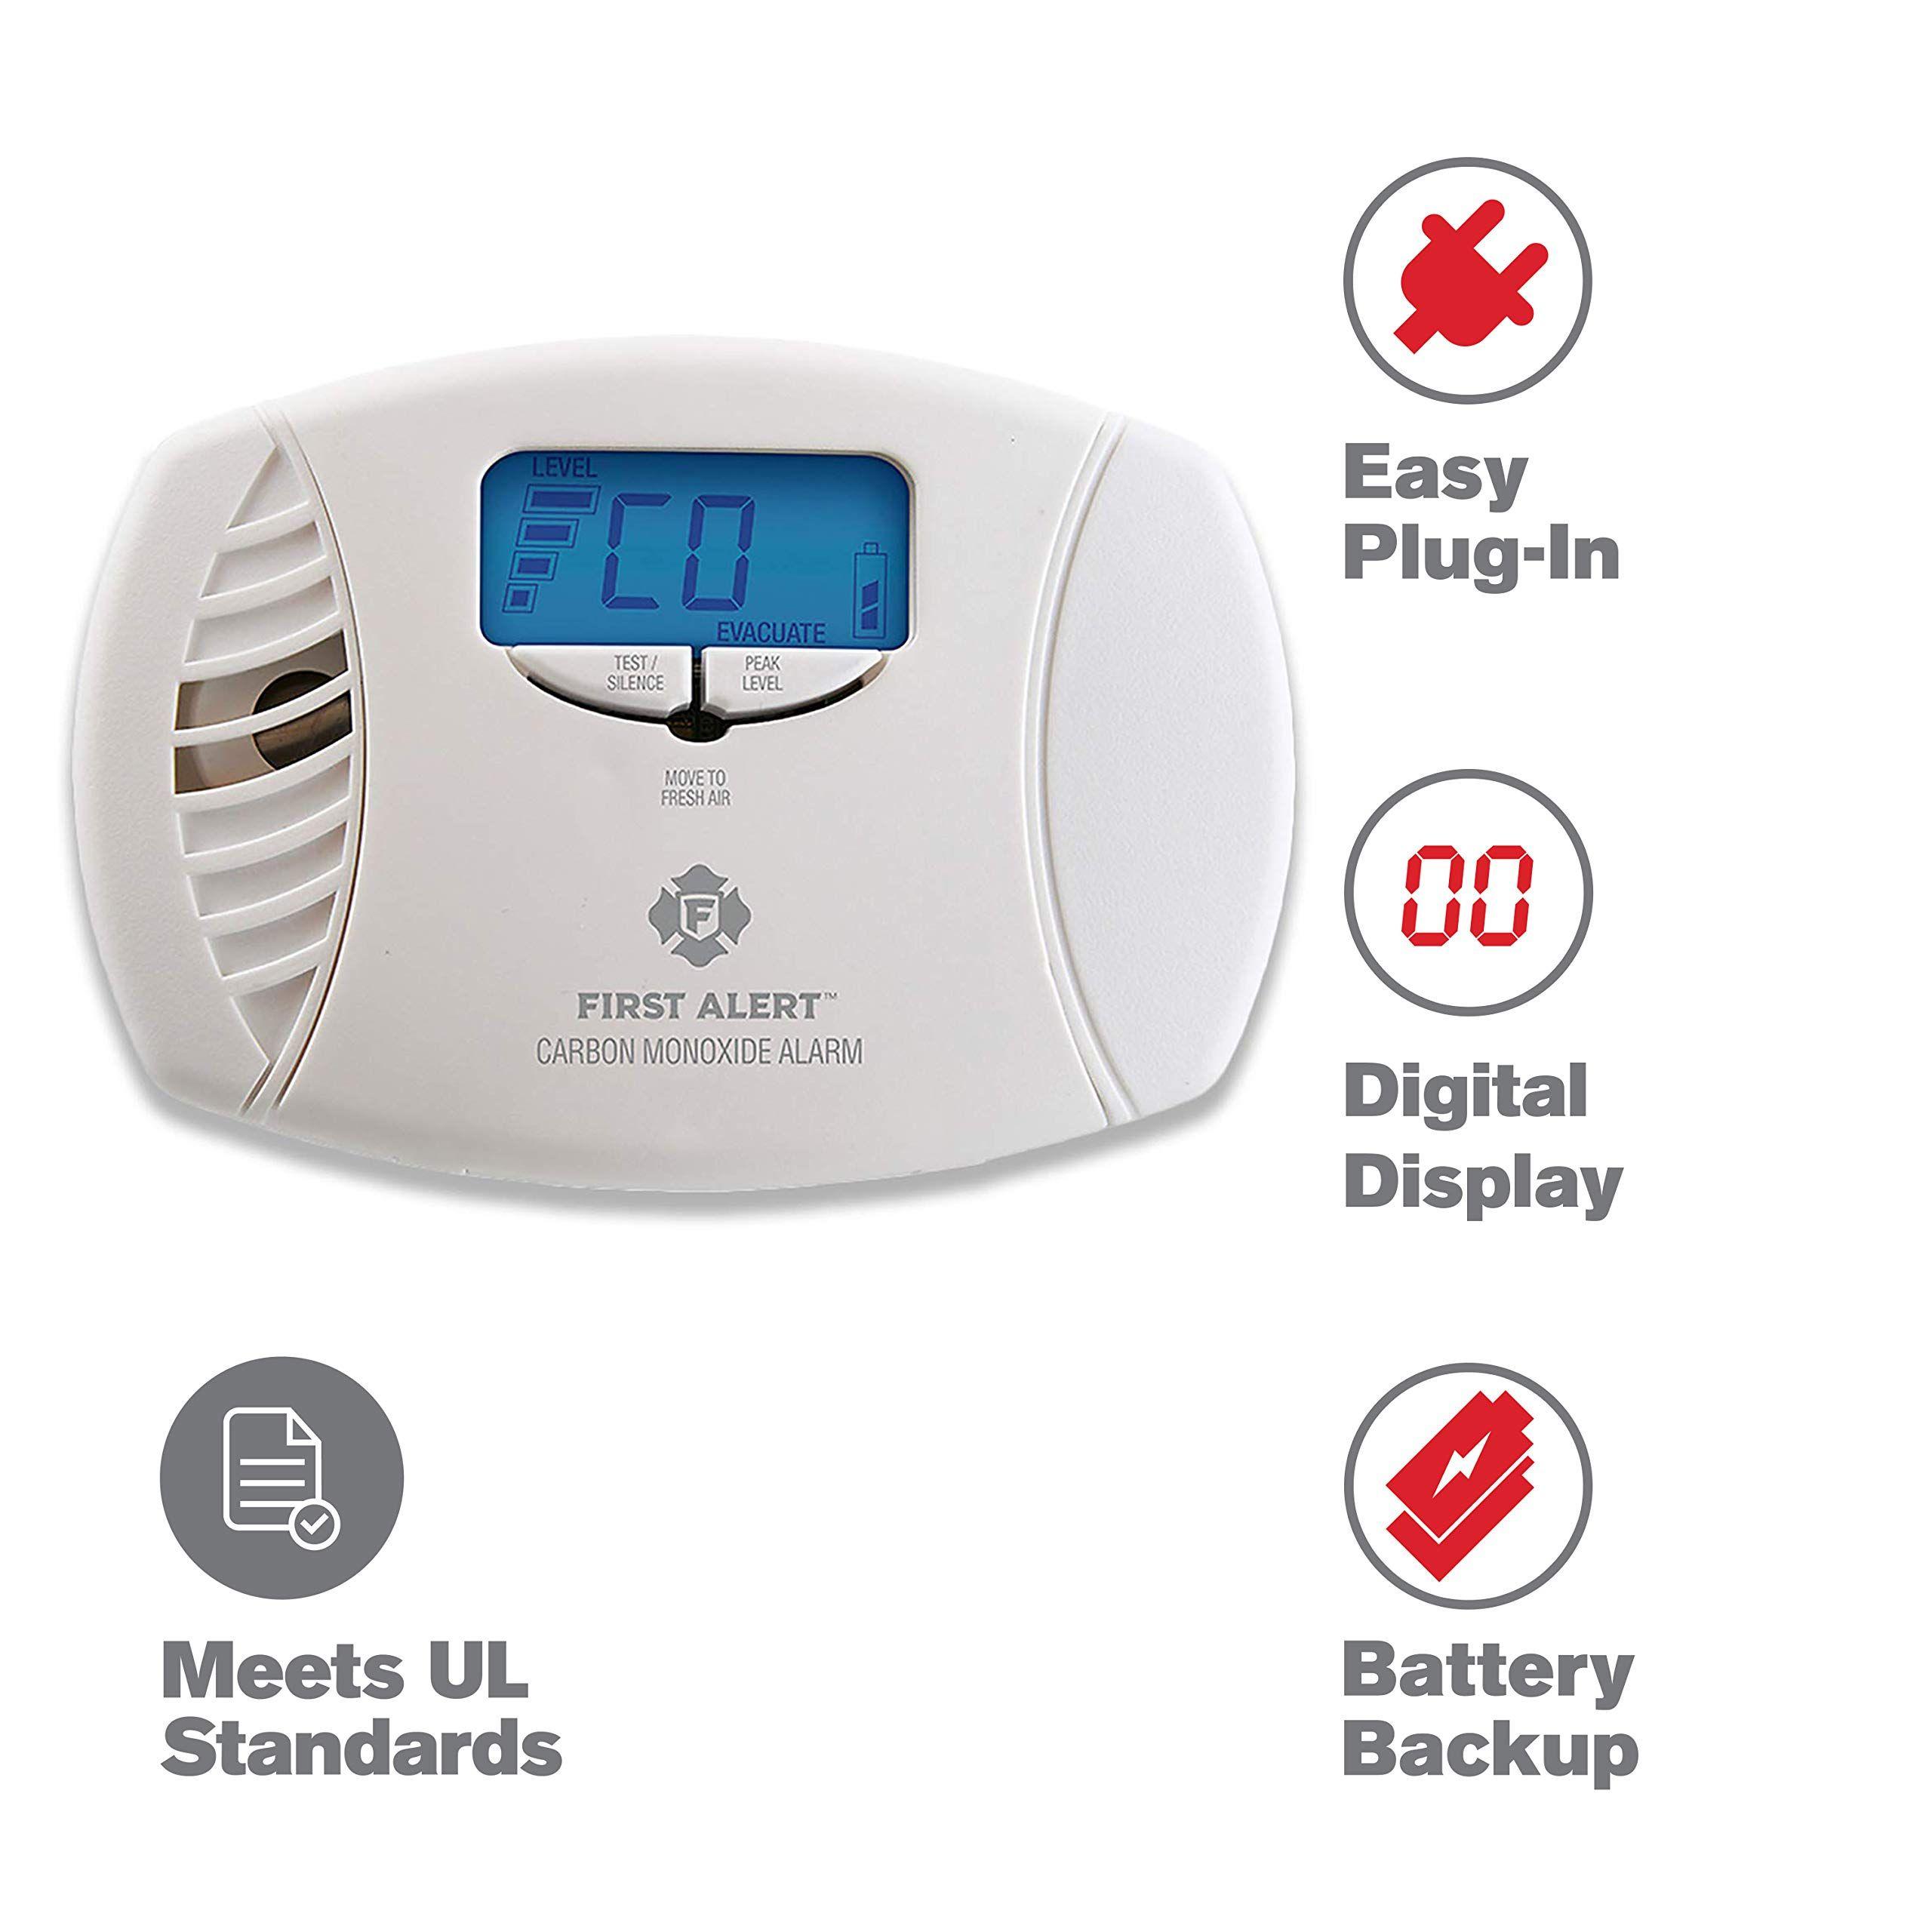 First Alert DualPower Carbon Monoxide Detector Alarm